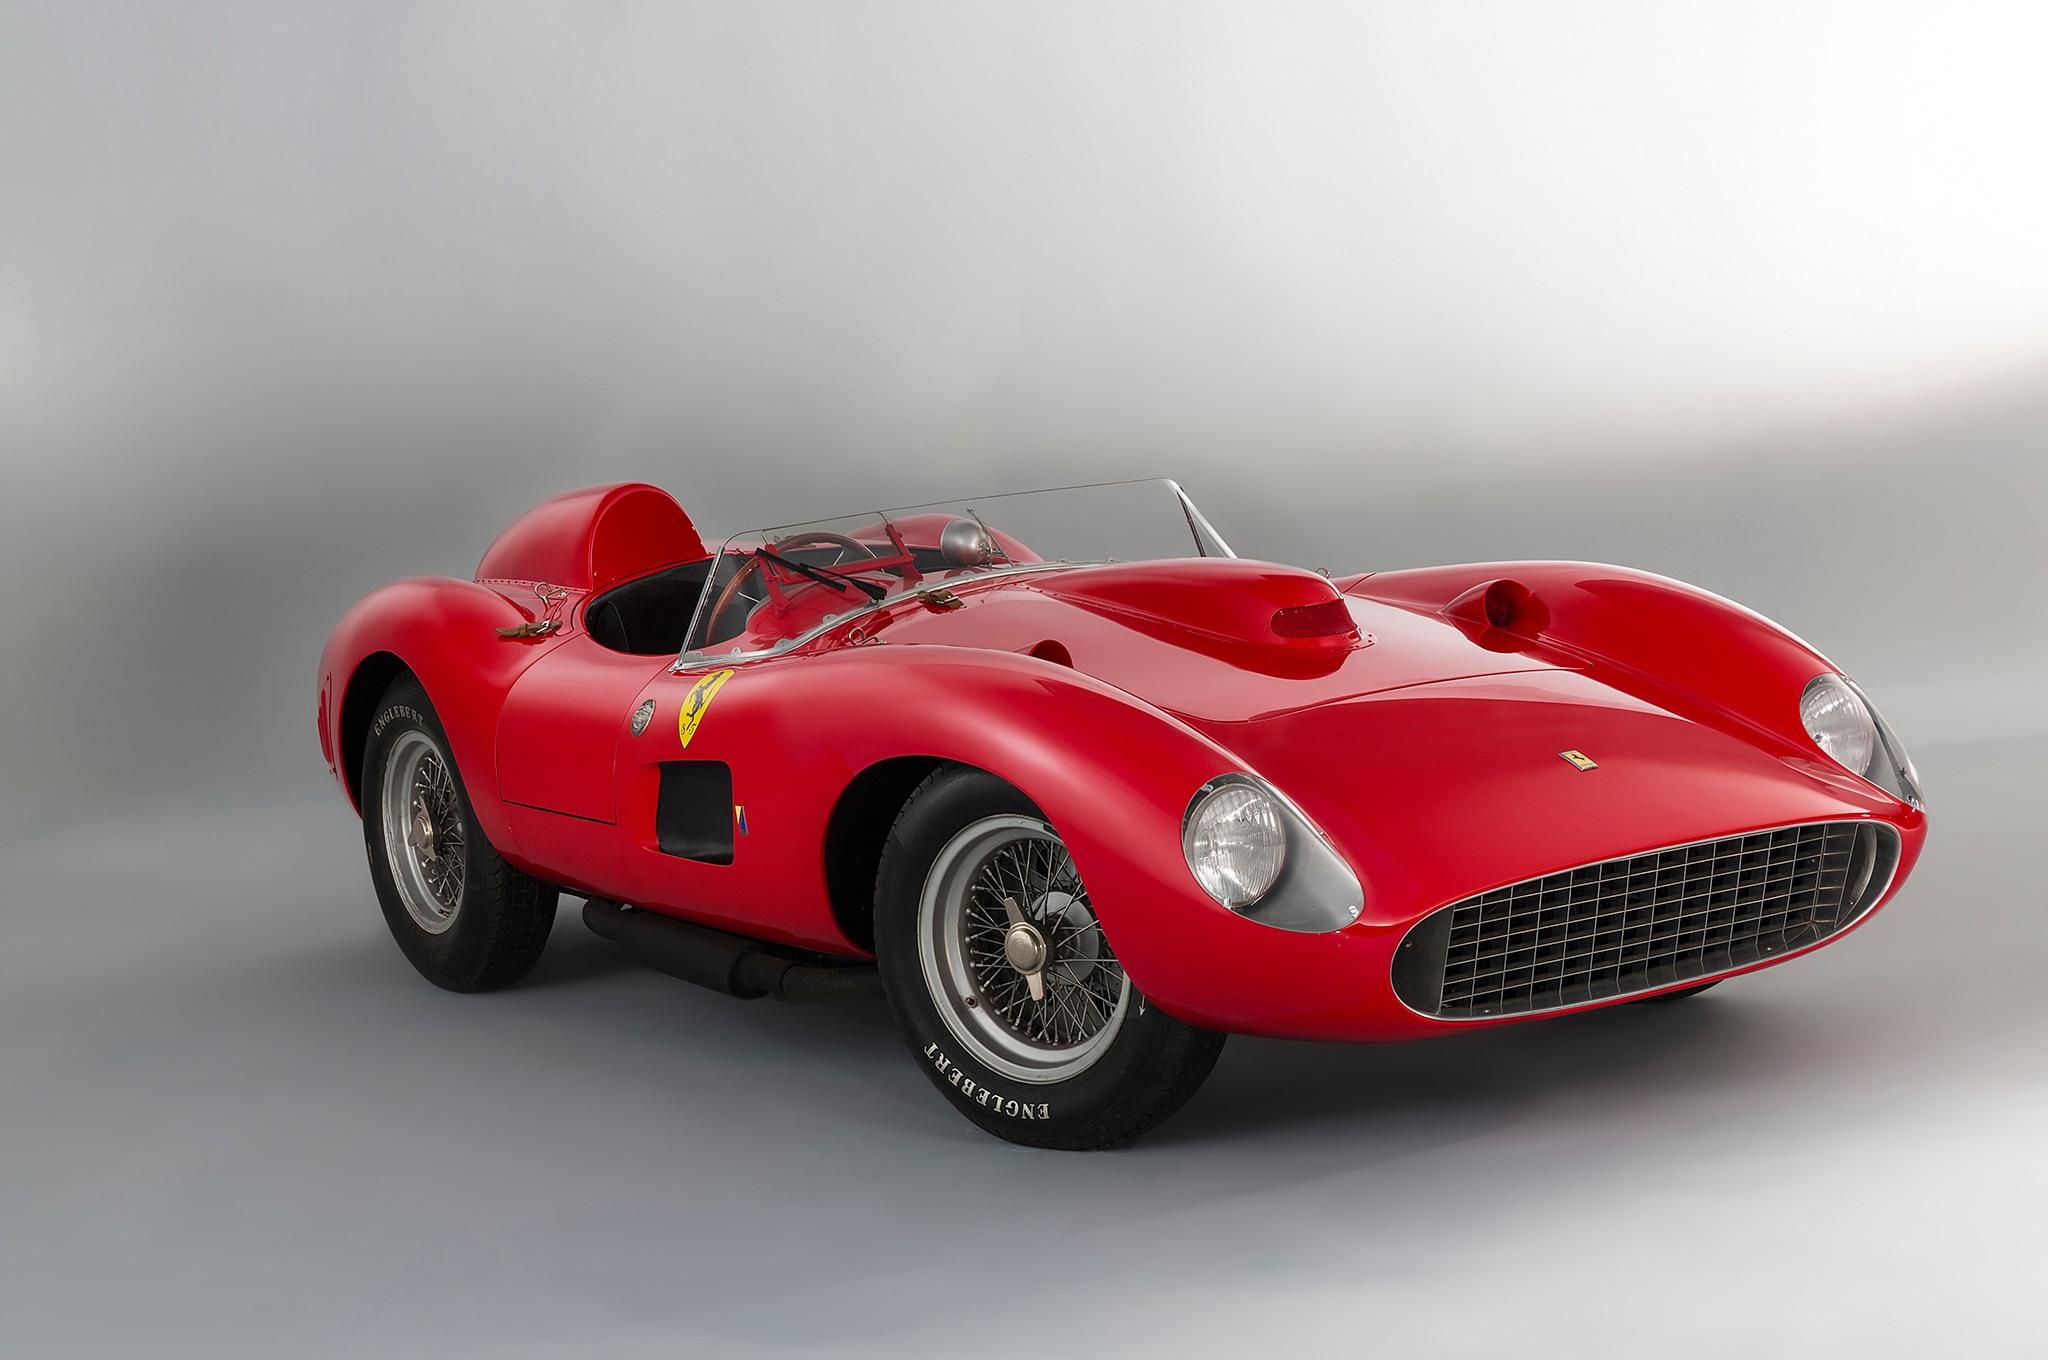 1957 Ferrari 315 335 S Scaglietti Spyer Collection Bardinon 7 ArtcurialPhotographeChristianMartin